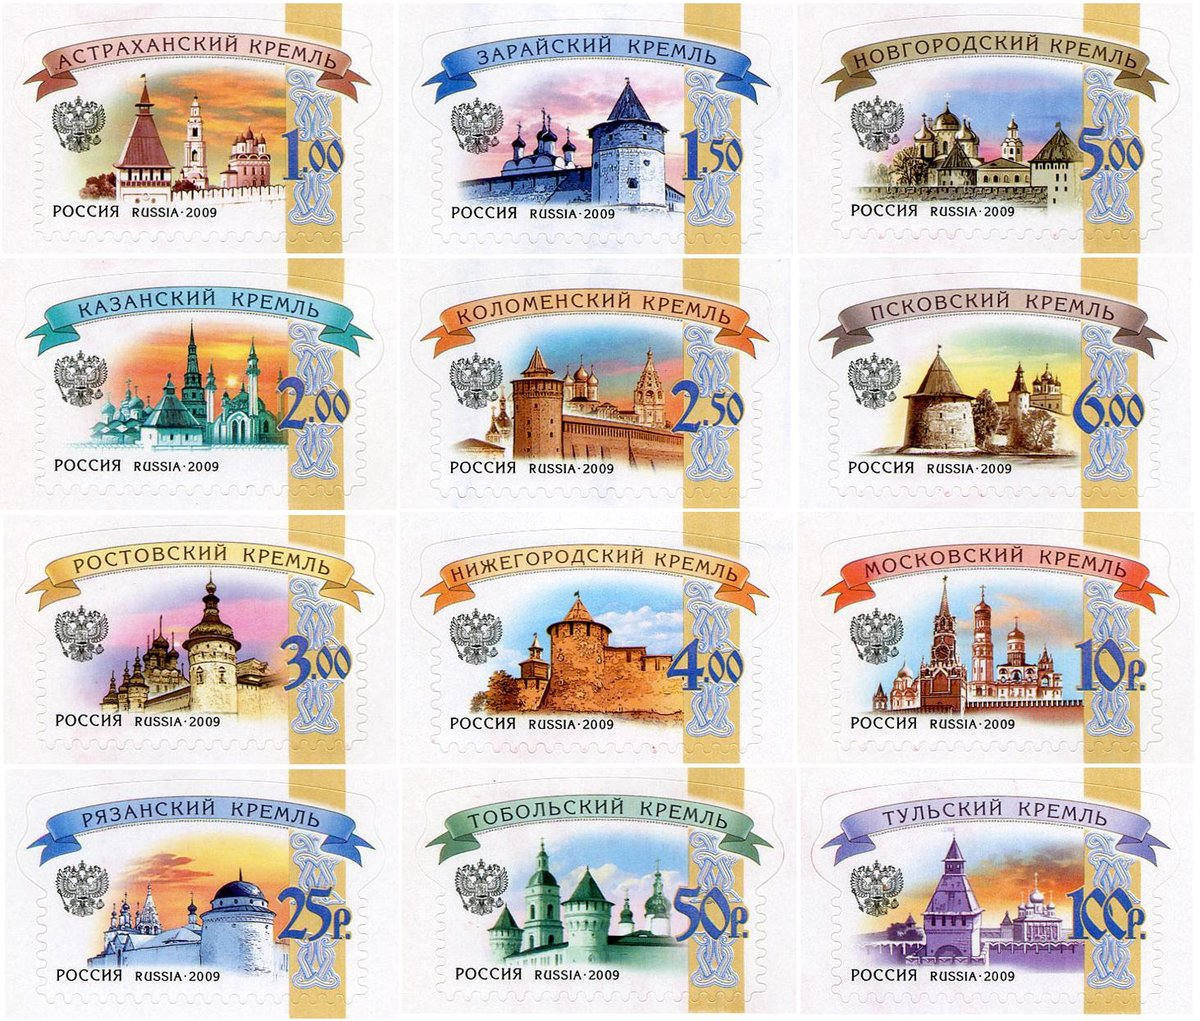 Марки на открытки по россии сколько, маме марта открытку